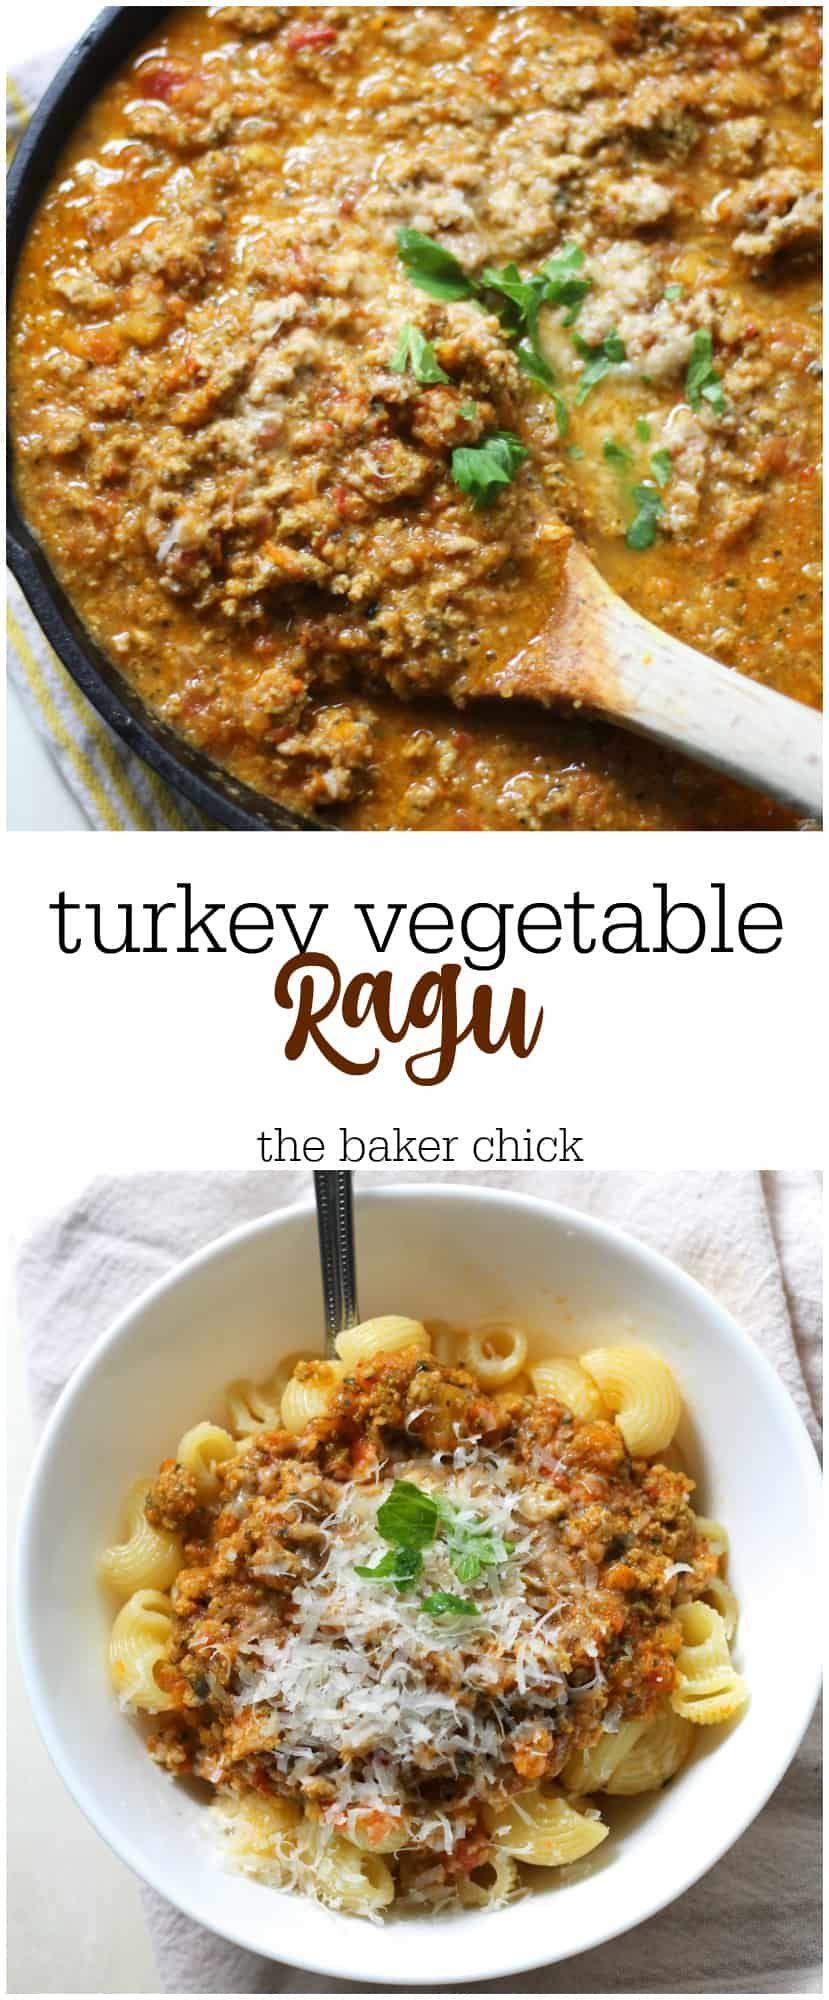 Turkey Vegetable Ragu | Turkey vegetables, Turkey mince ...